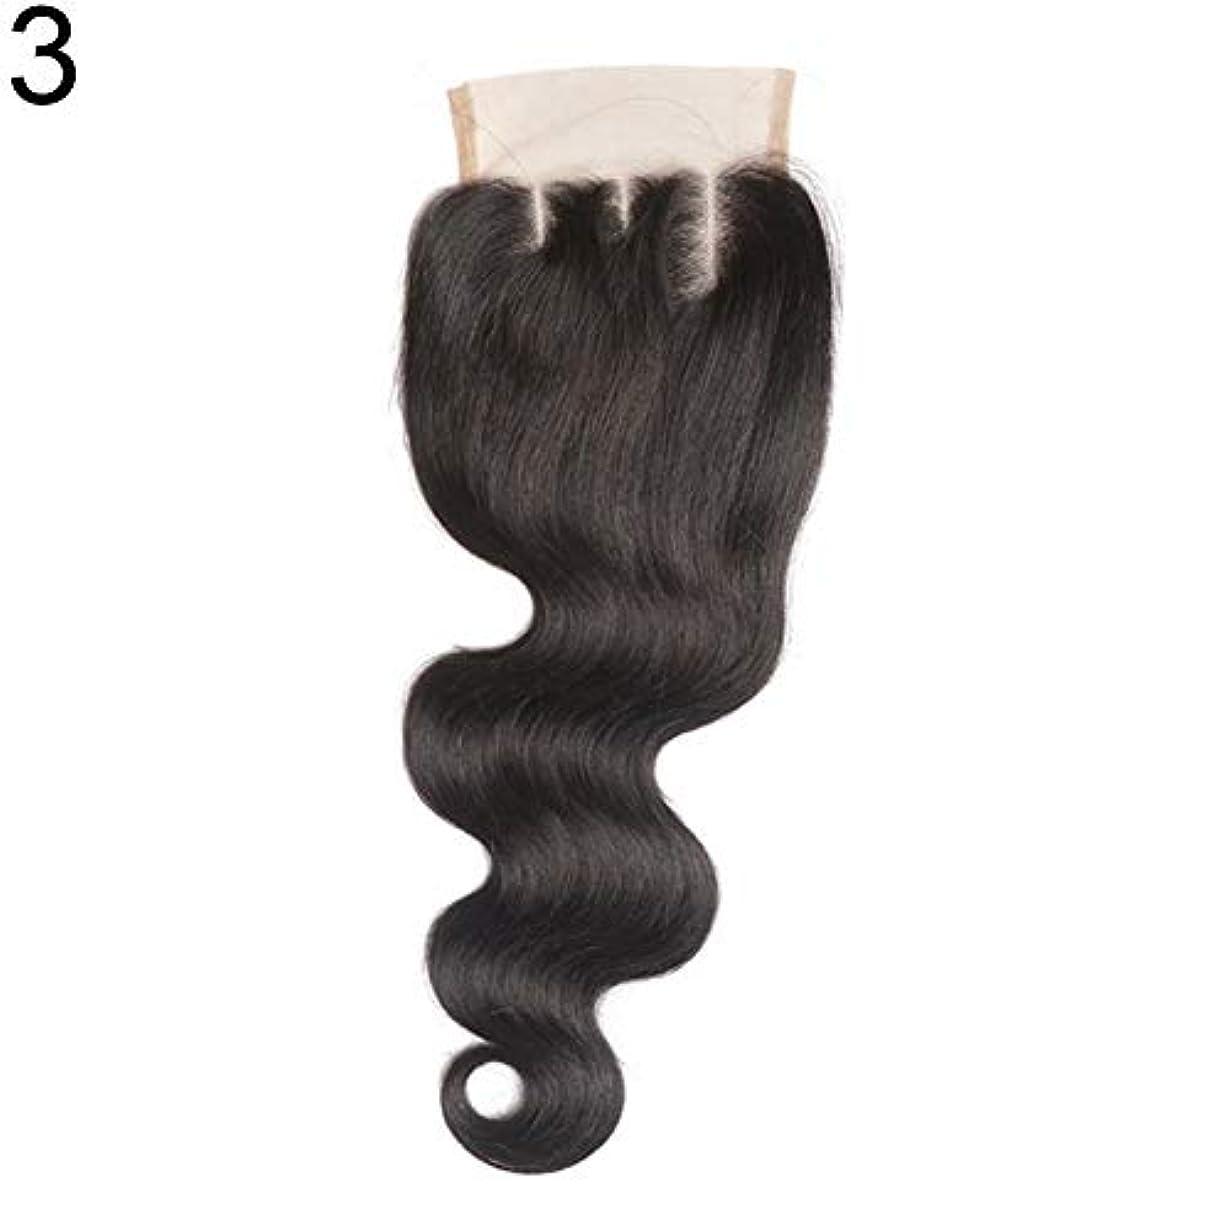 政権ロッド見積りslQinjiansav女性ウィッグ修理ツールブラジルのミドル/フリー/3部人間の髪のレース閉鎖ウィッグ黒ヘアピース